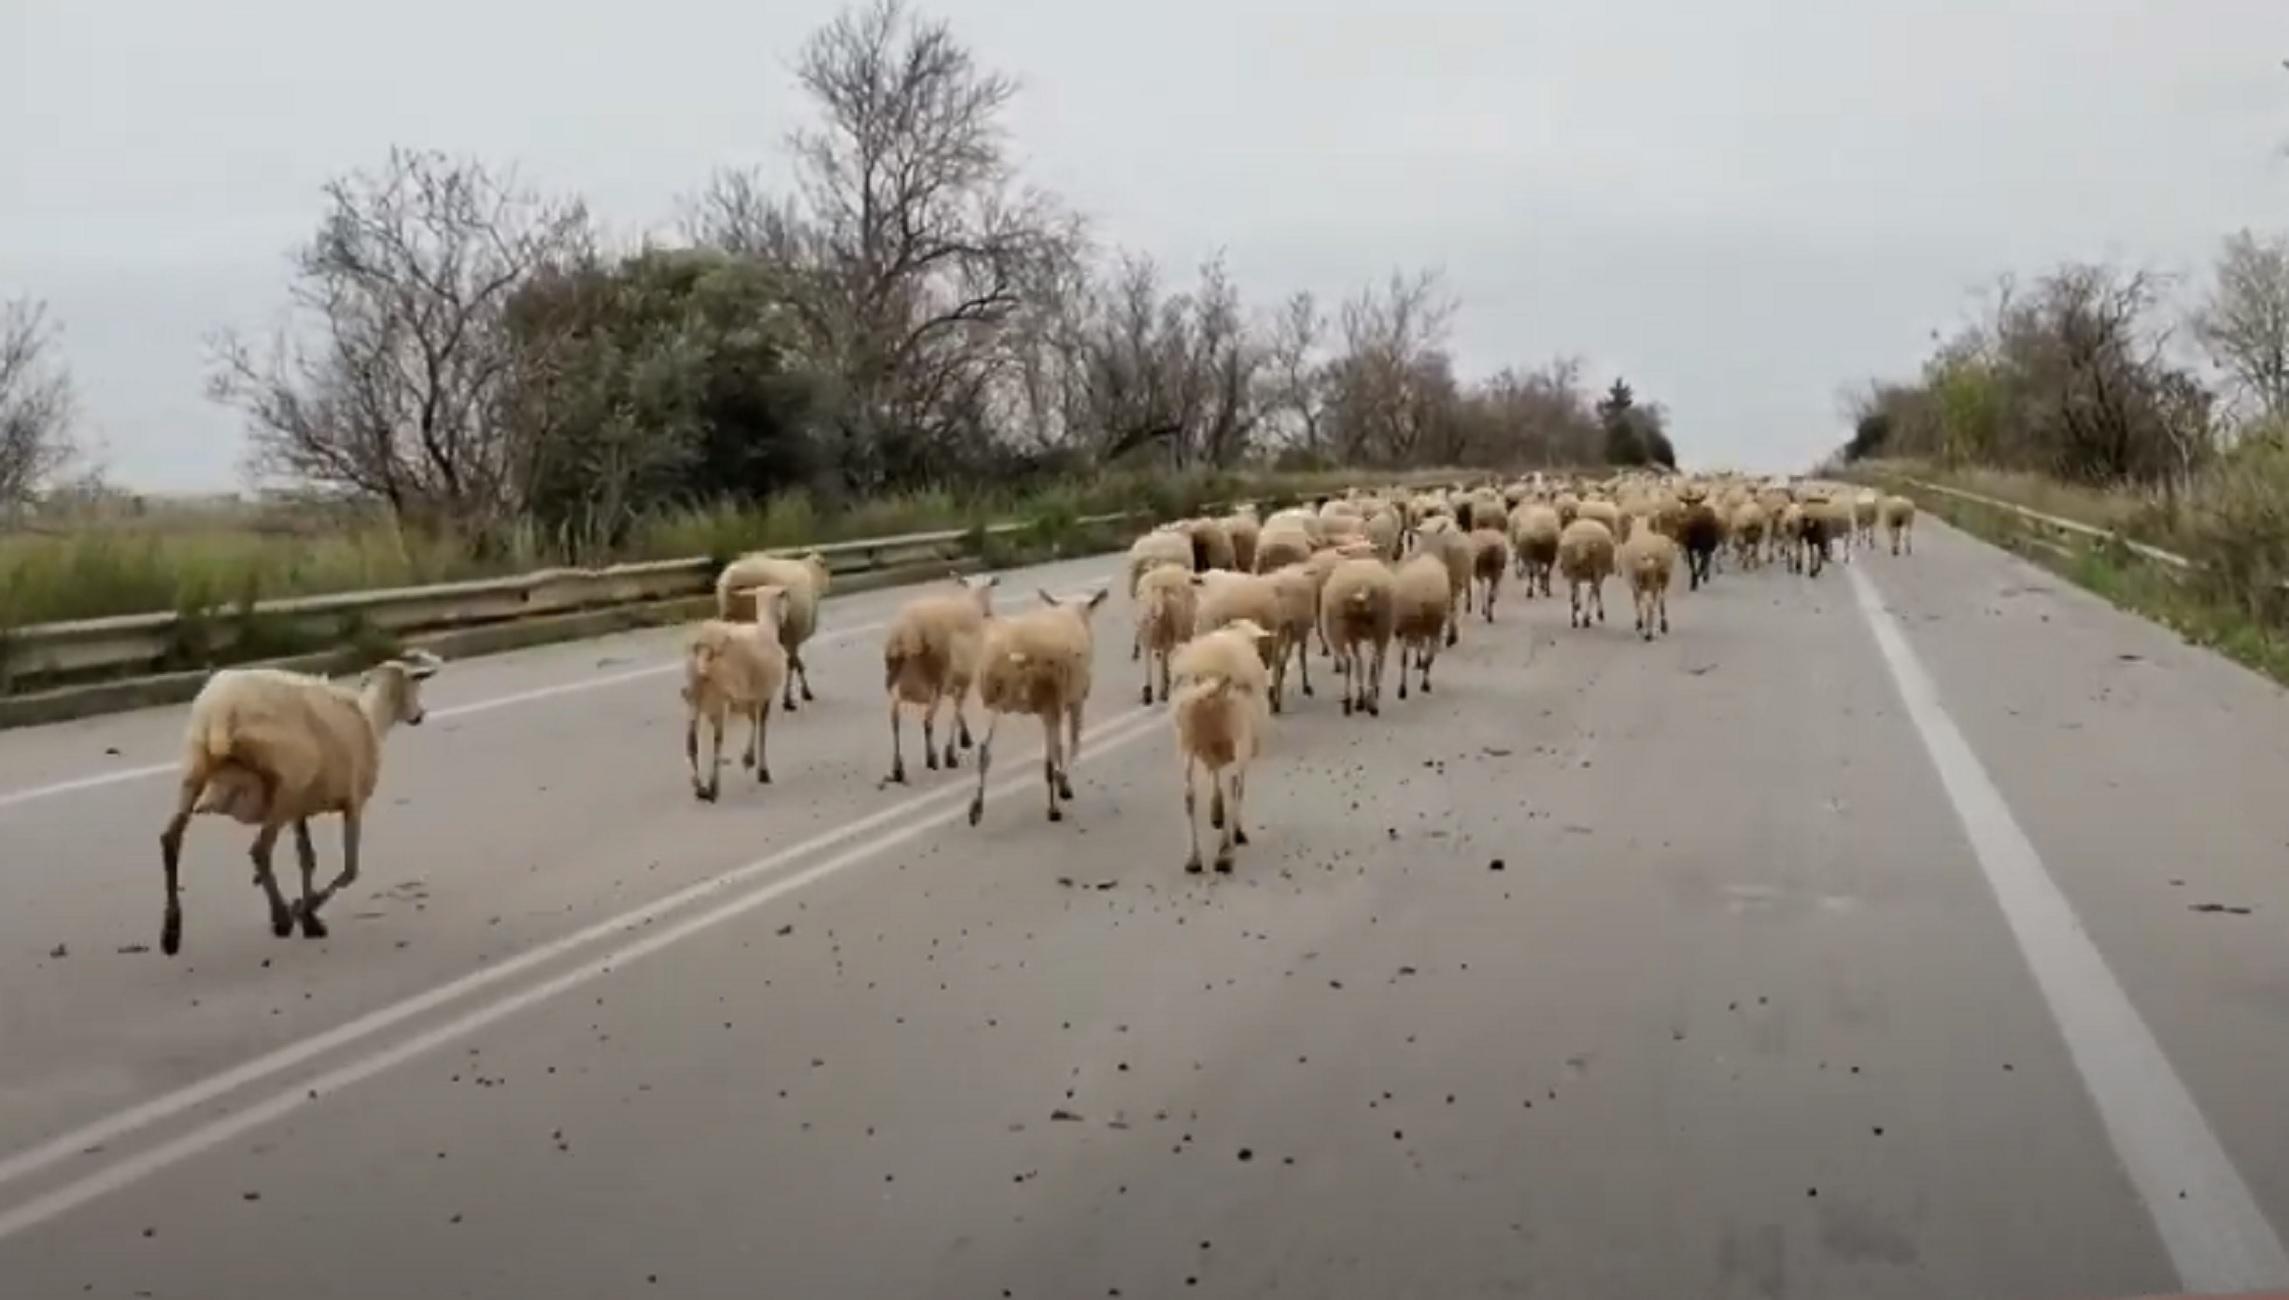 Ηλεία: Οδηγούσε στην εθνική οδό και έπεσε πάνω σε αυτές τις εικόνες – Δείτε τις απίθανες σκηνές (video)